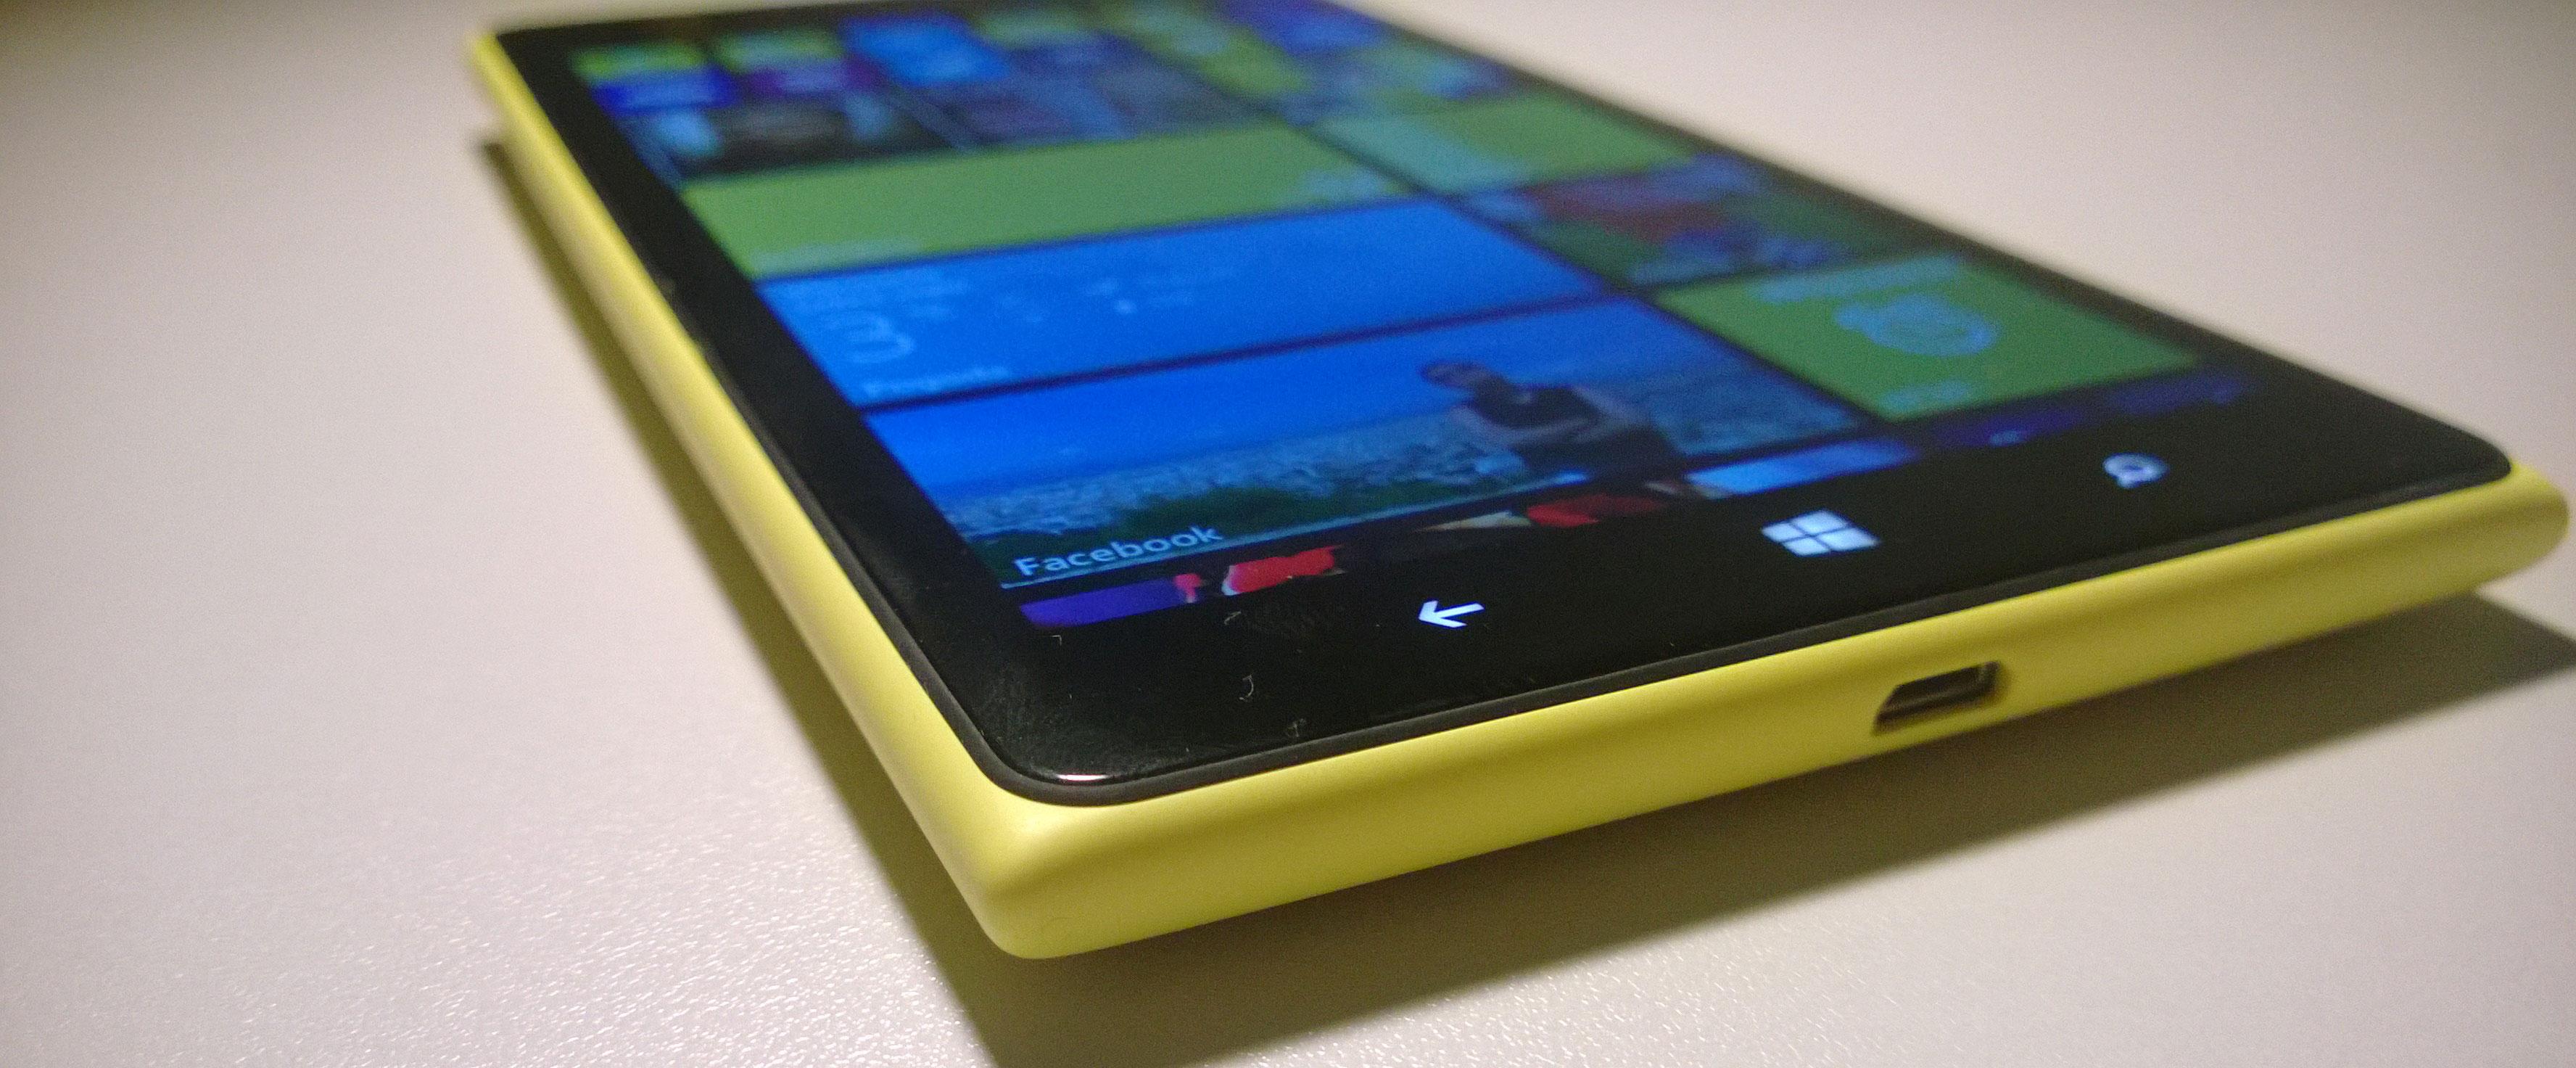 Najbardziej wypasiona Lumia nie dostanie Windows 10?